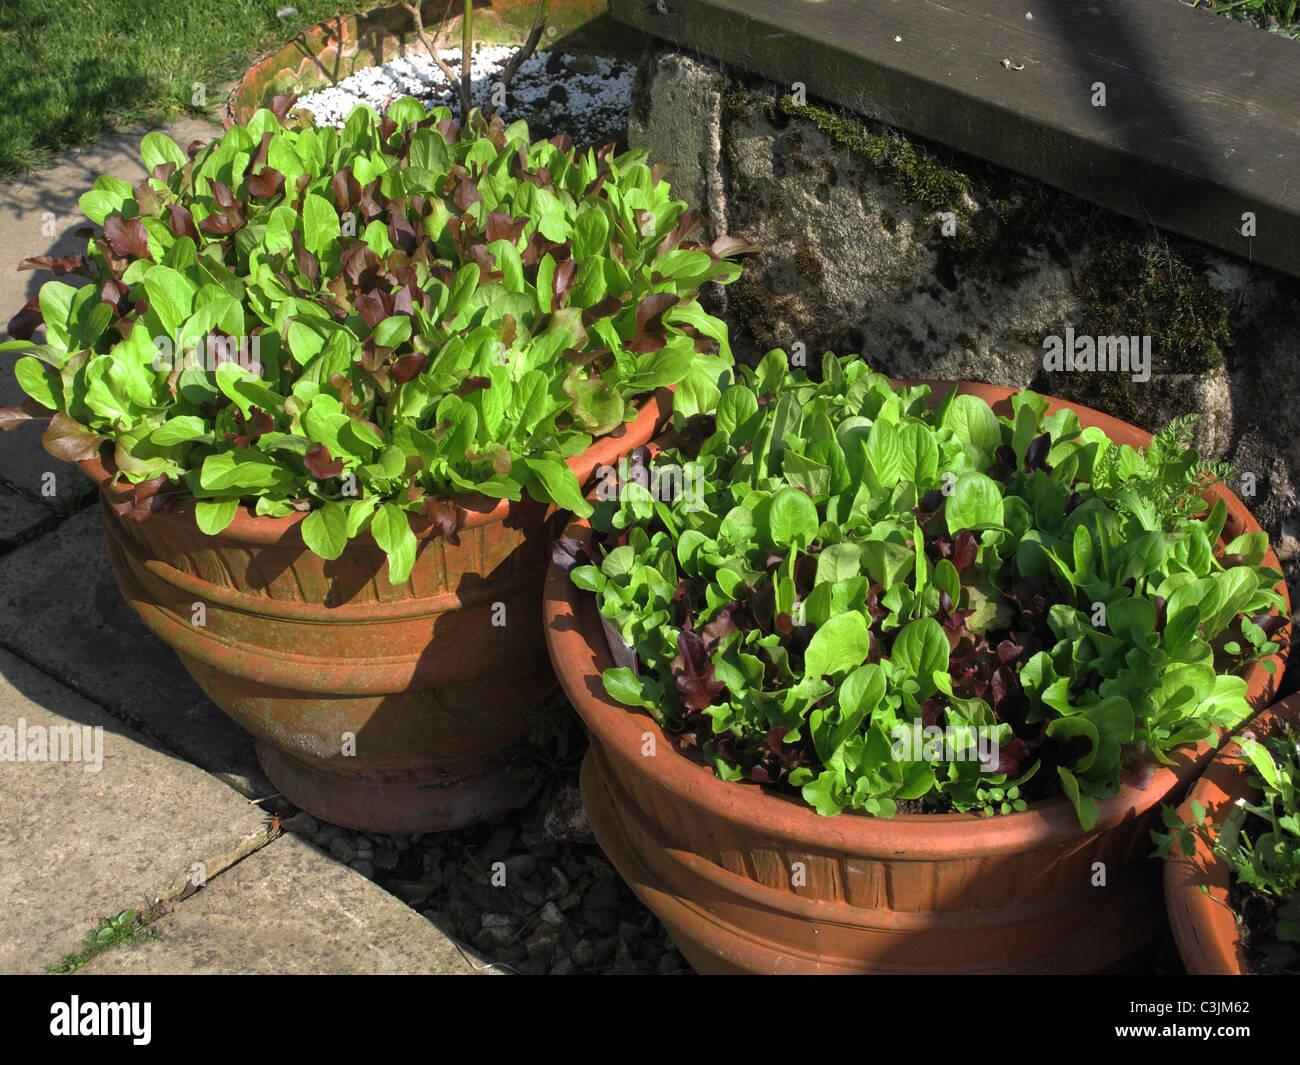 Sélectionner et revenir les légumes feuilles de salade de laitue poussant dans des pots en terre cuite Photo Stock